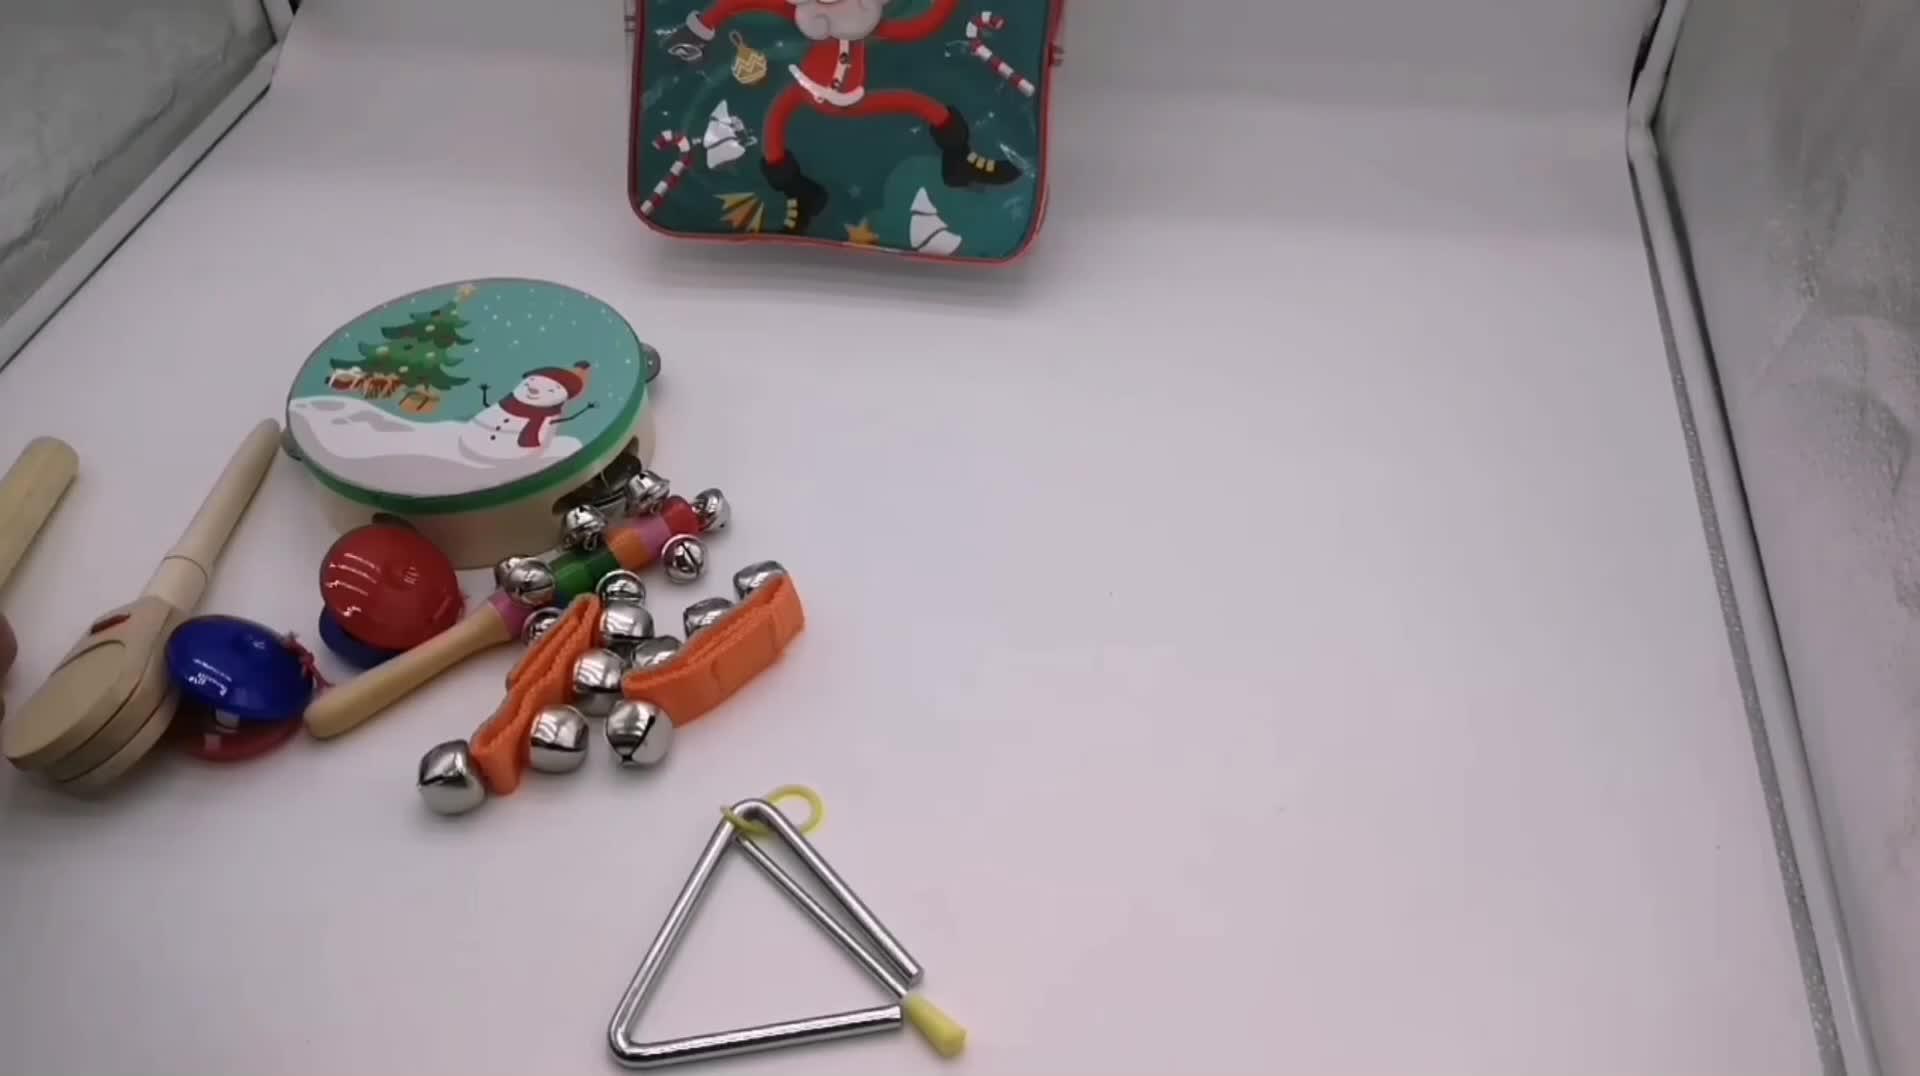 2018 instrumentos musicais de Madeira Brinquedos Do Bebê Crianças Preschool Educacional com saco do pvc